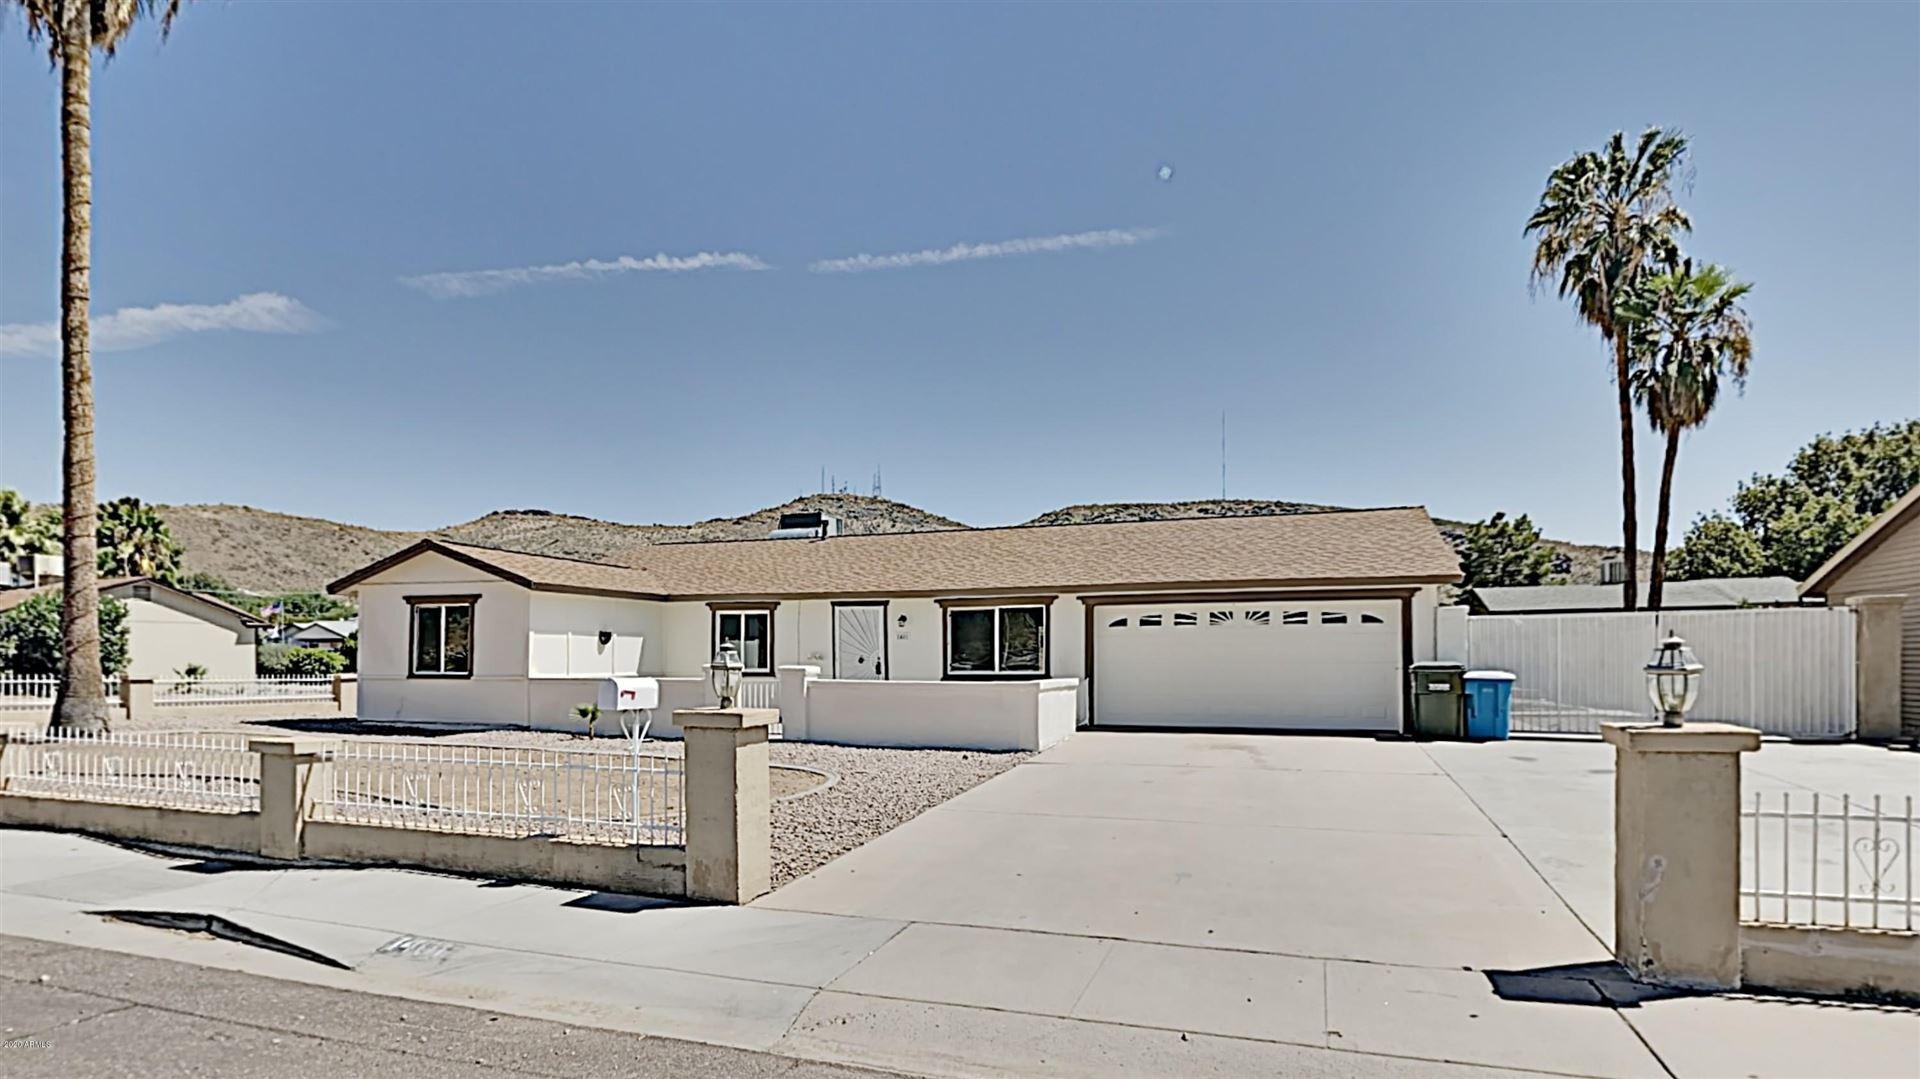 1401 W THUNDERBIRD Road, Phoenix, AZ 85023 - MLS#: 6102378